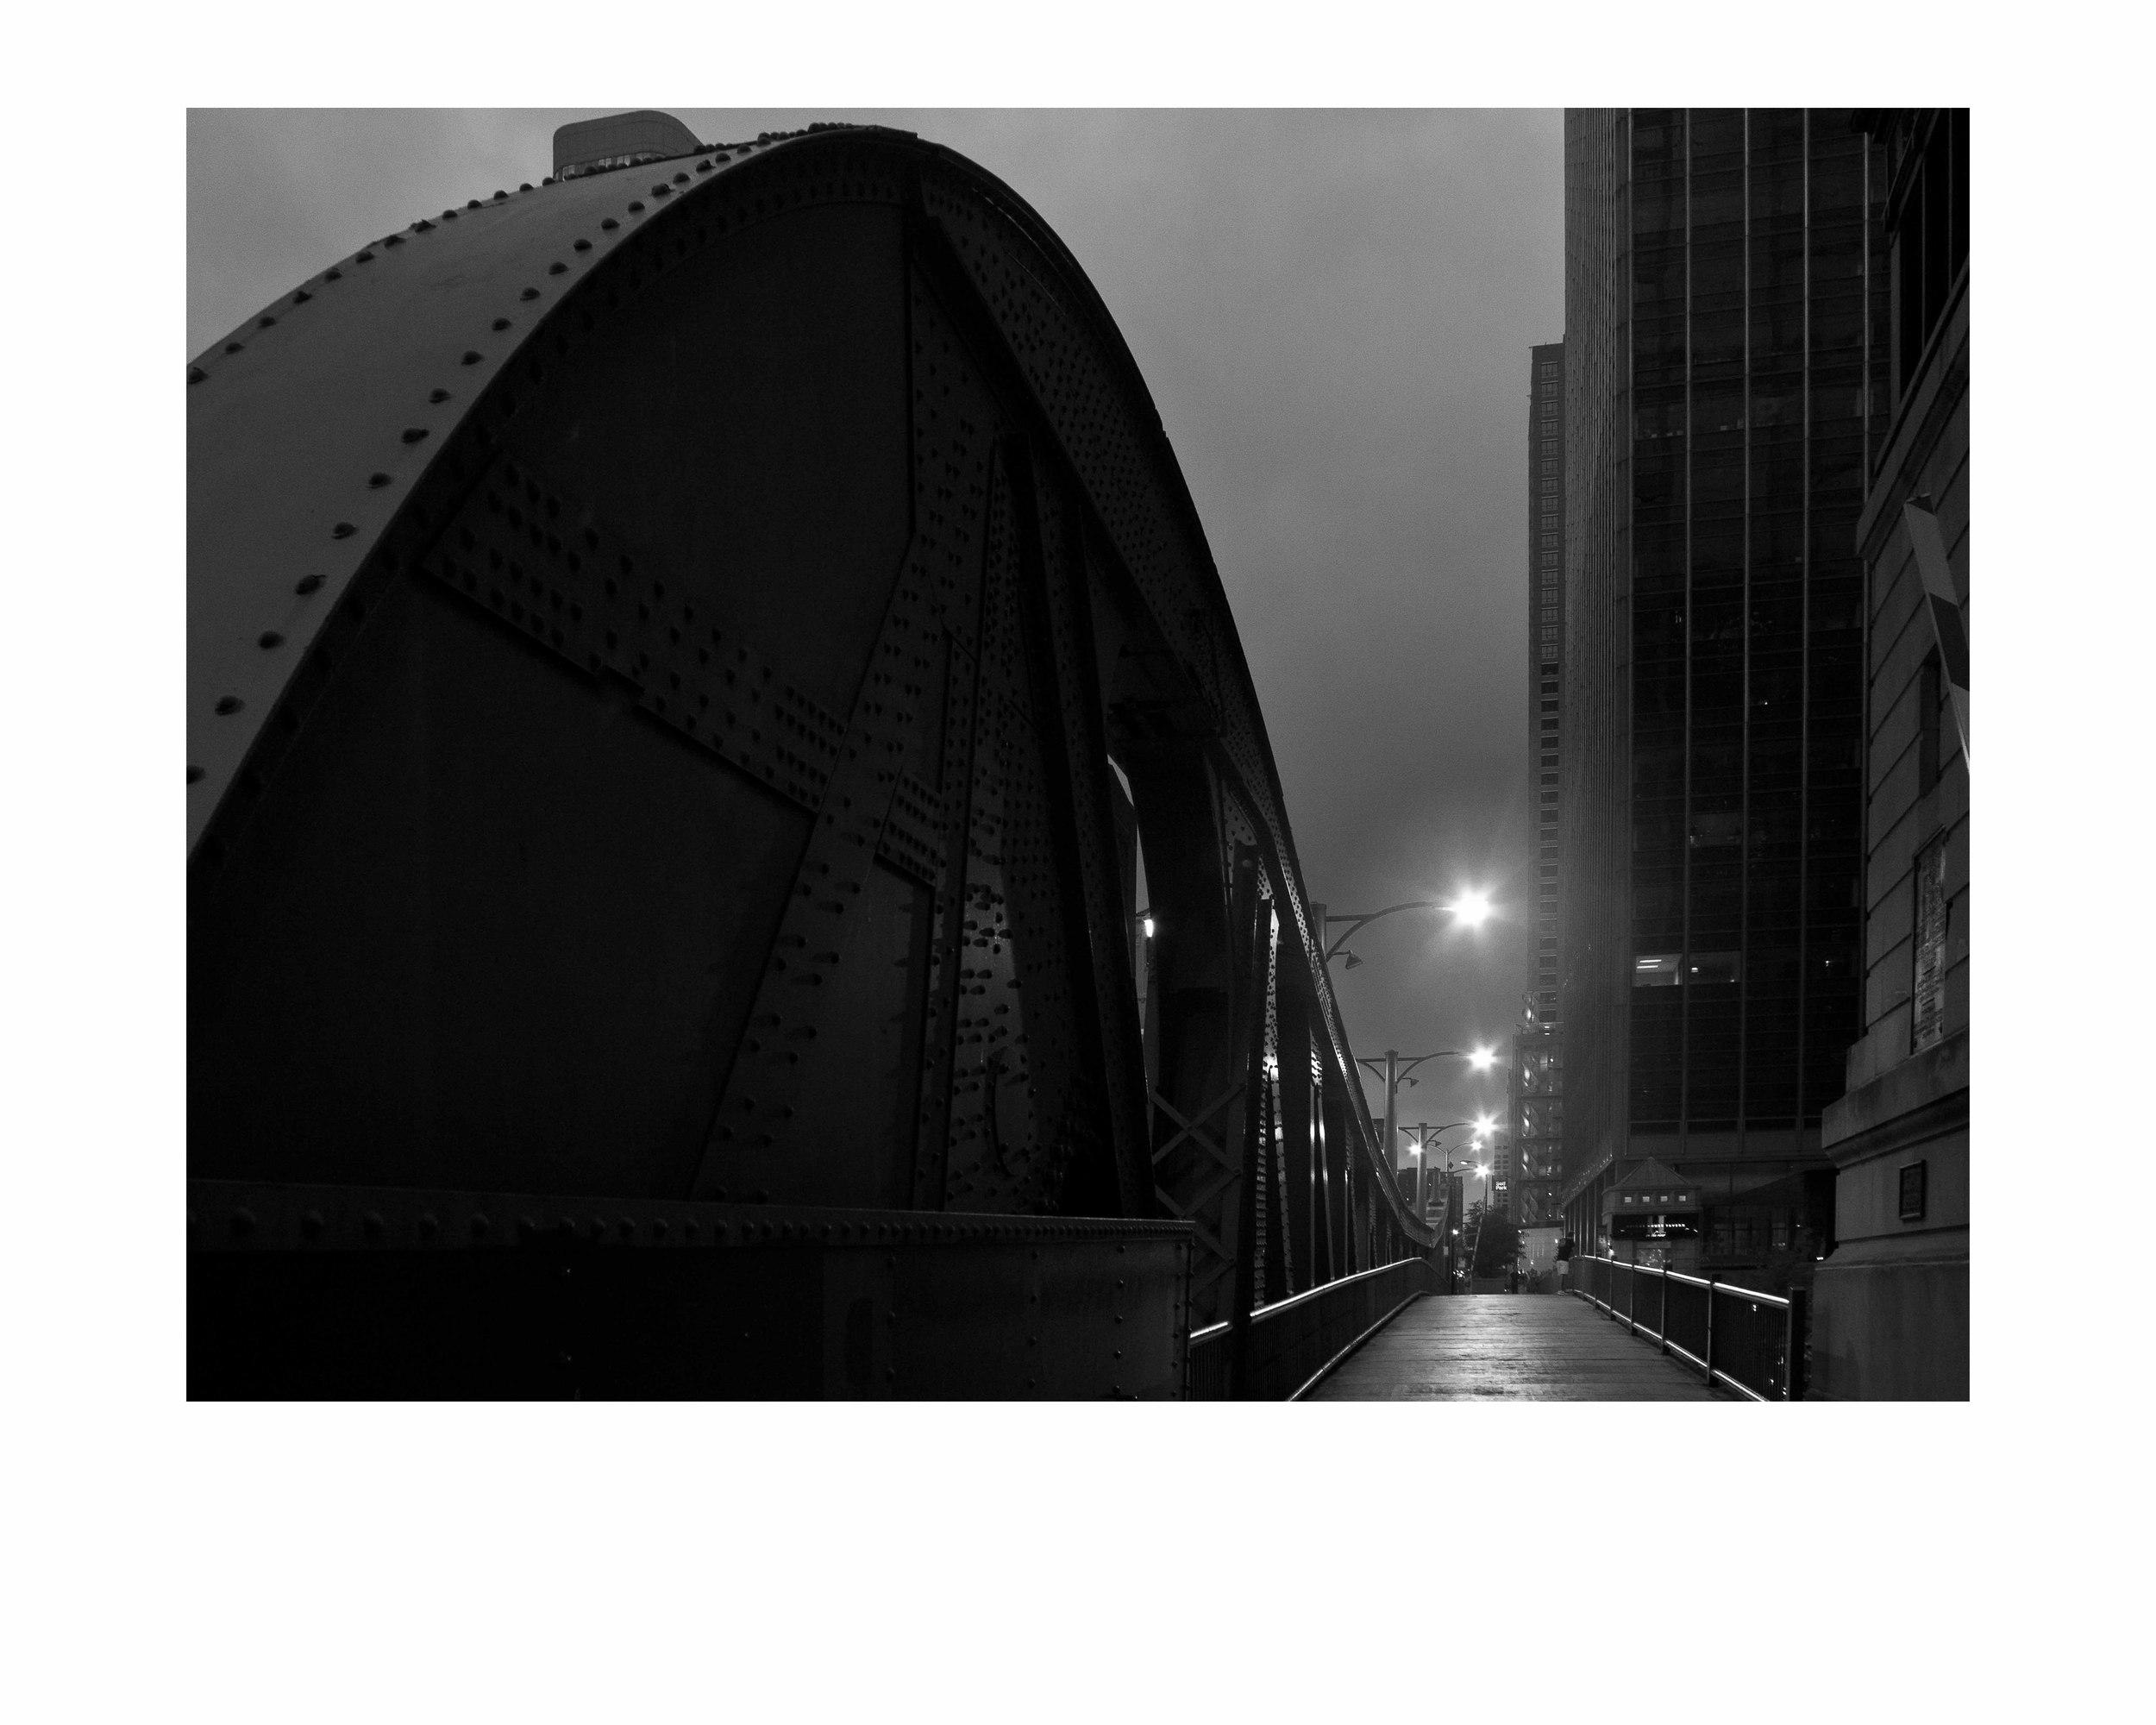 Clark St. Bridge.16x20 framed. $150